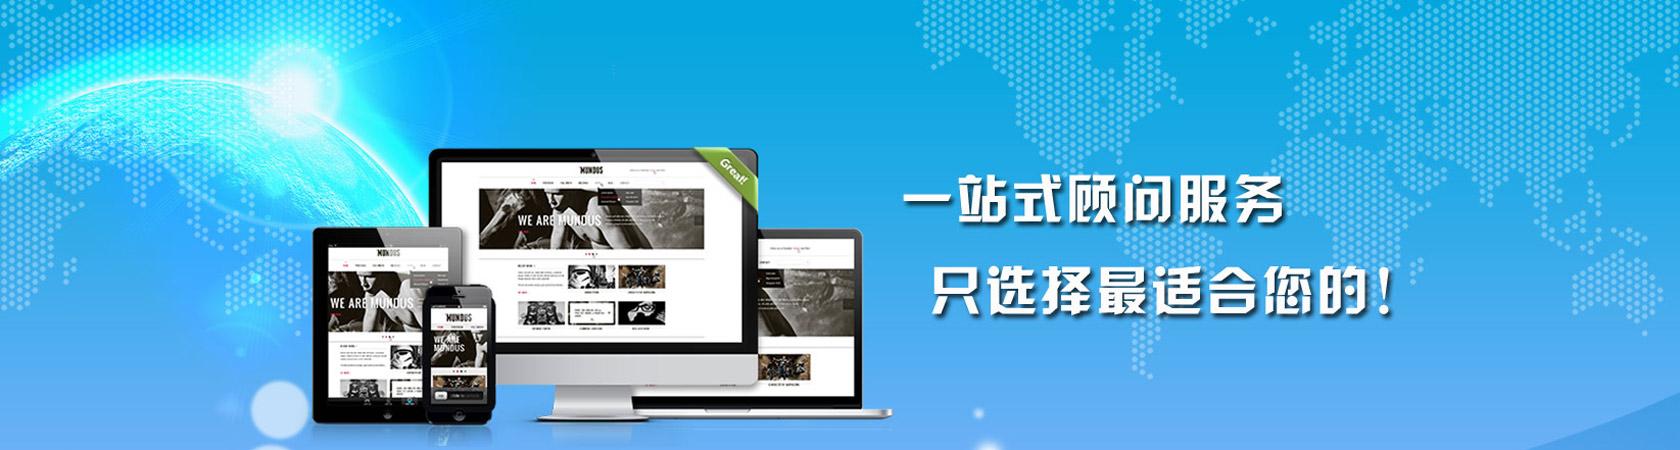 响应式网站模板